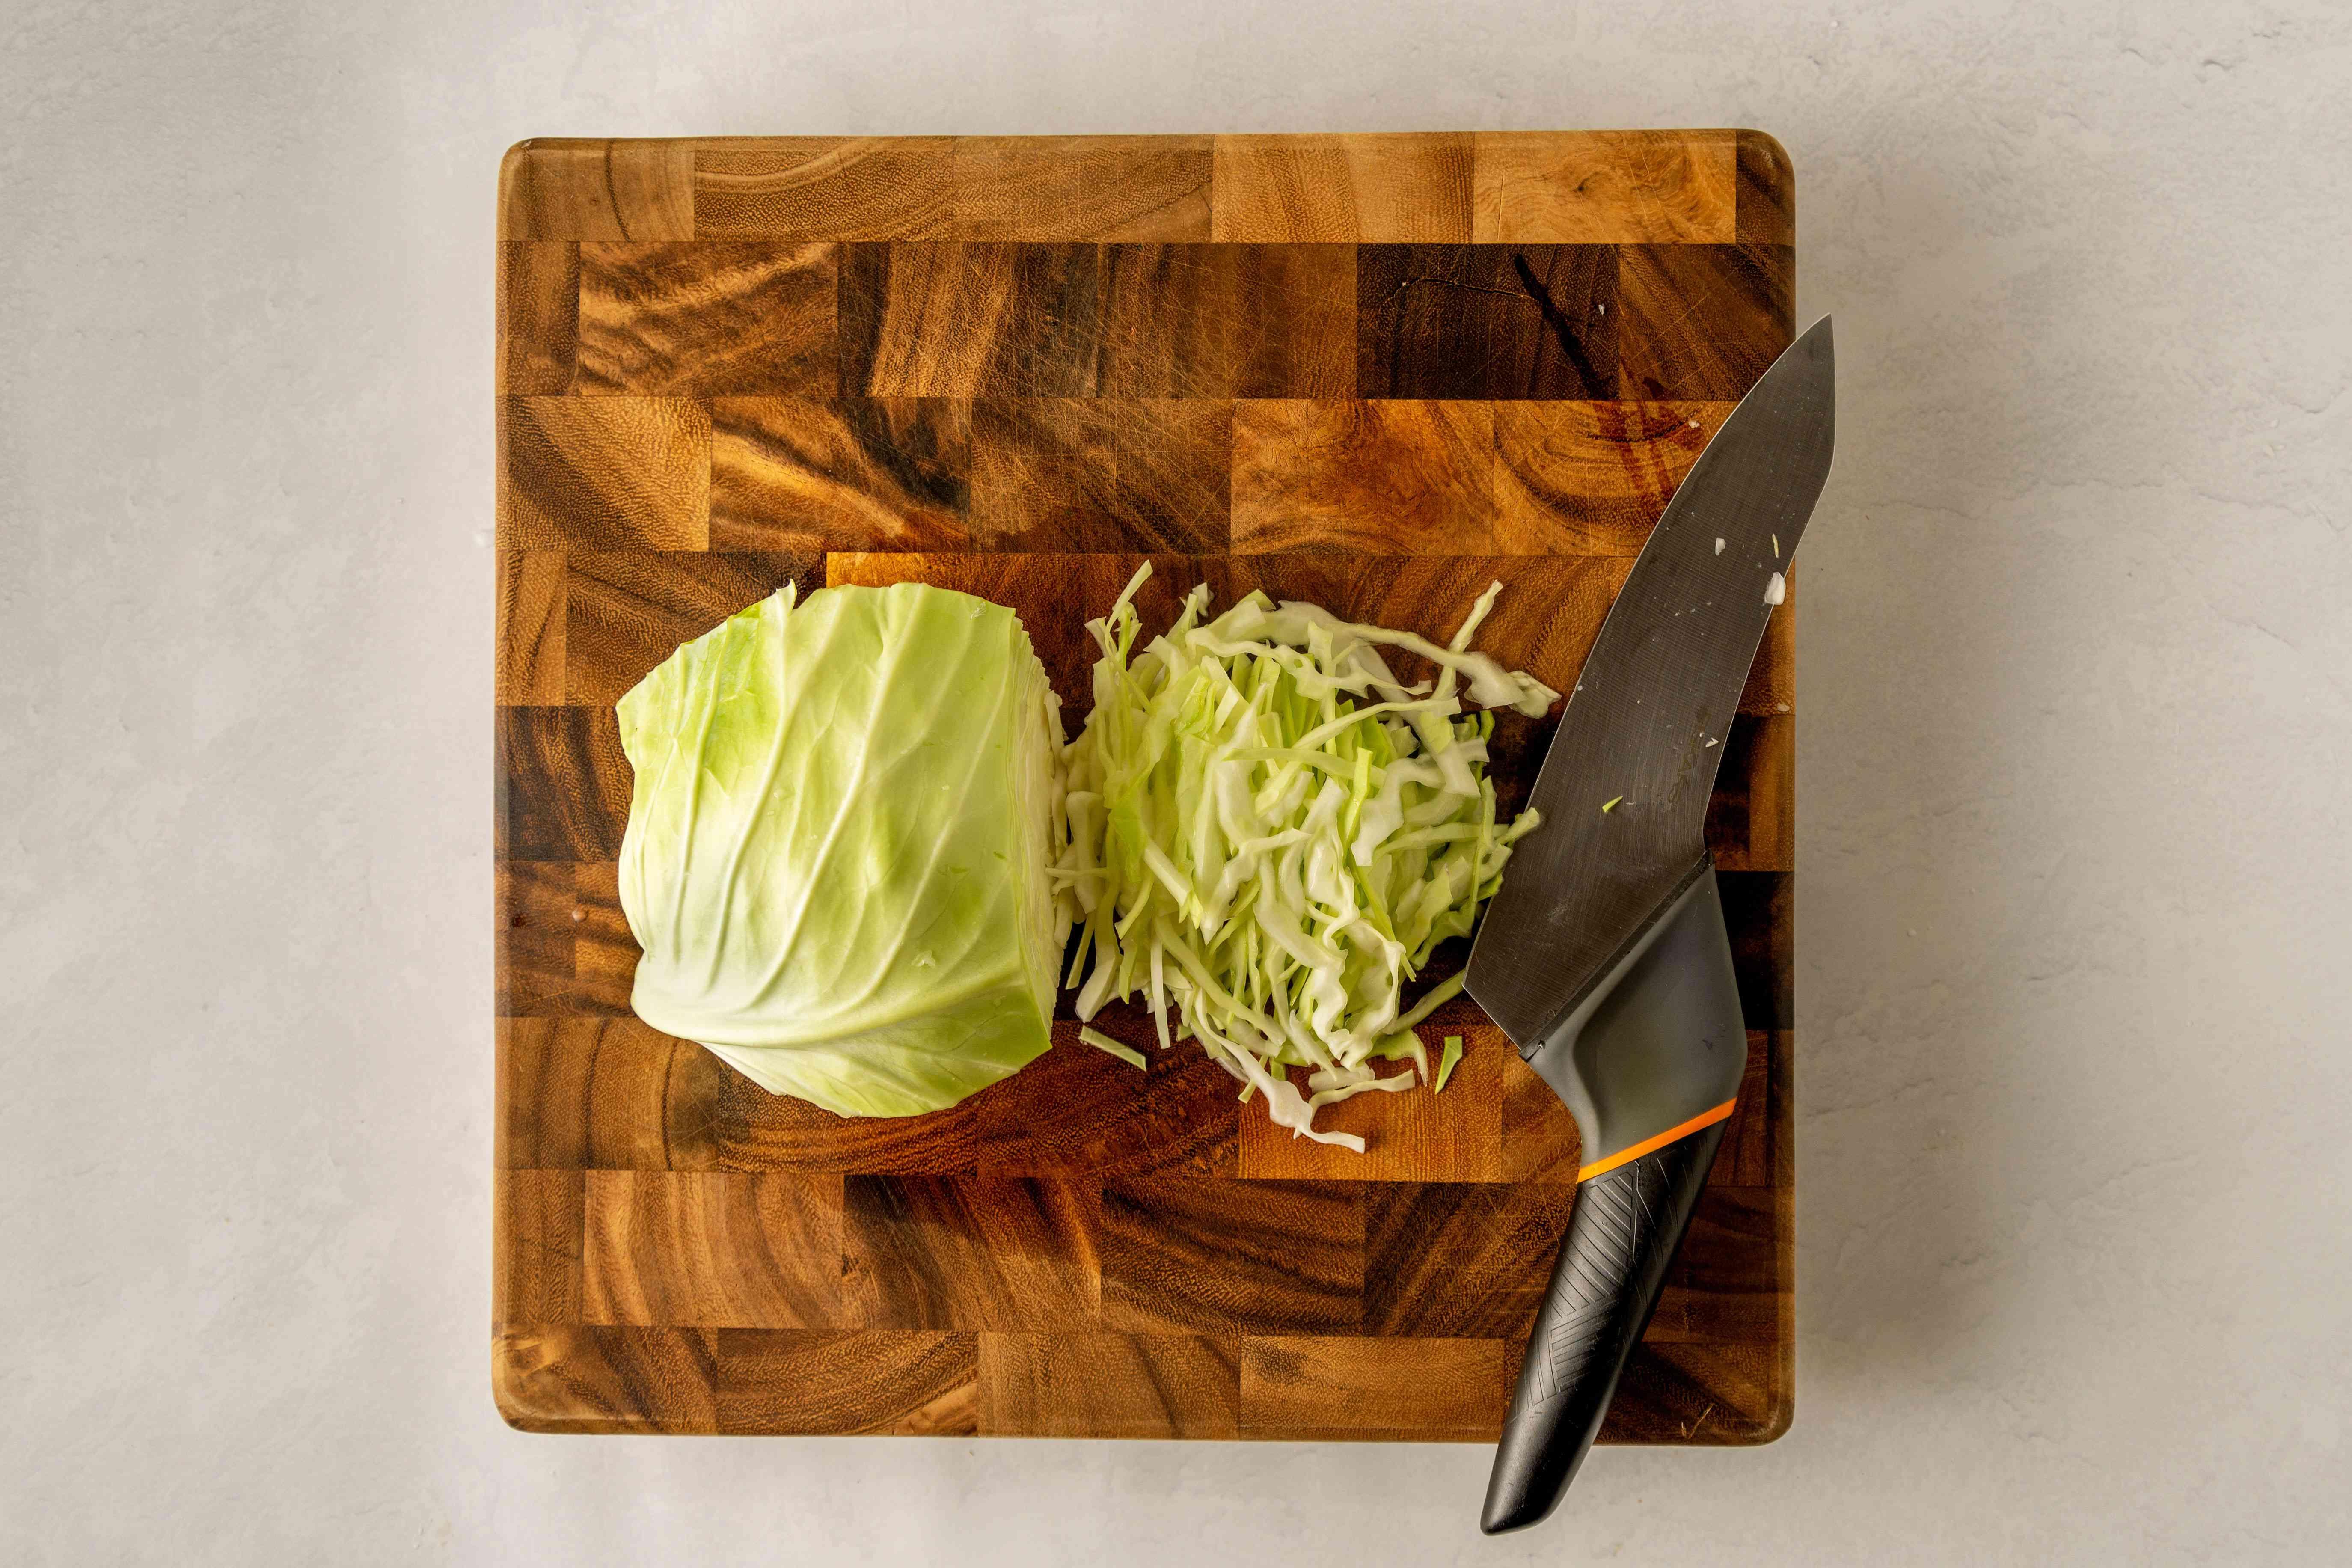 Chop cabbage